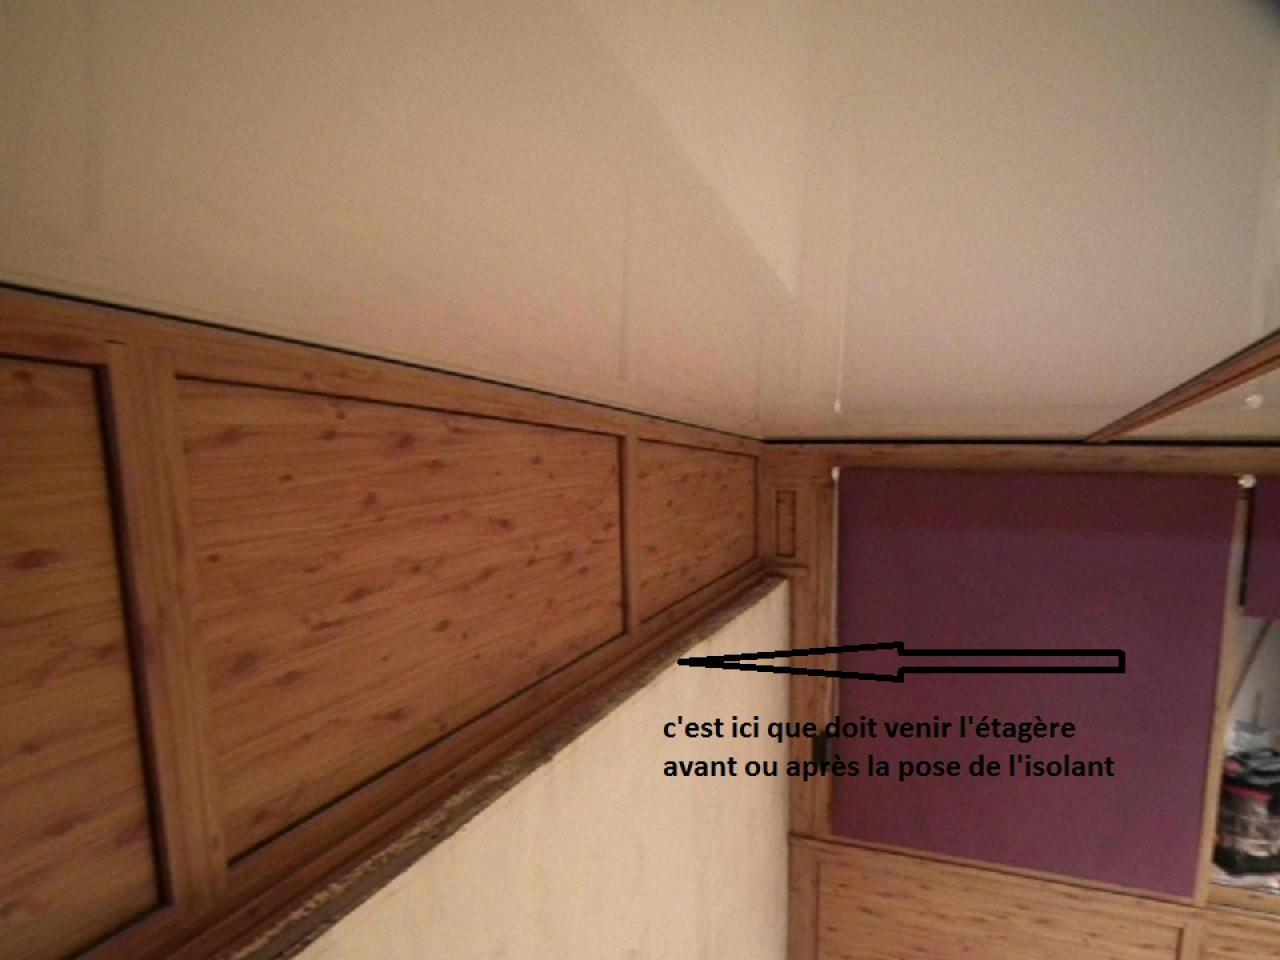 quel mat riau pour isolation d 39 un mur en parpaing d 39 une. Black Bedroom Furniture Sets. Home Design Ideas